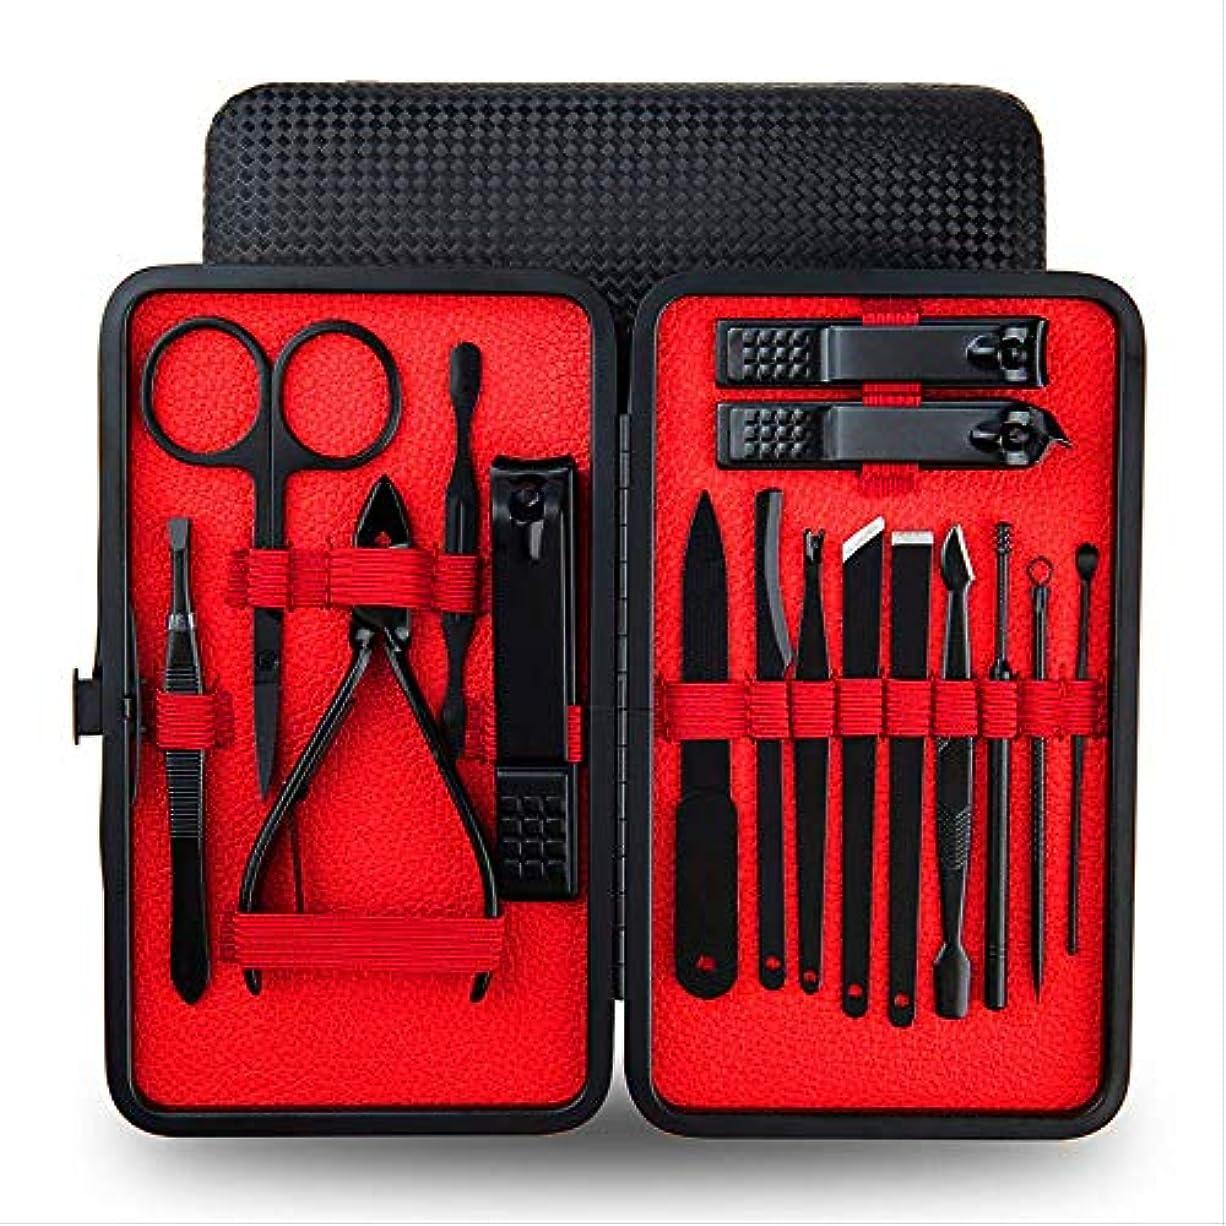 論争的させる修理可能爪切りセット16ピースペディキュアナイフ美容プライヤー爪ツール 7129A(16個セット)